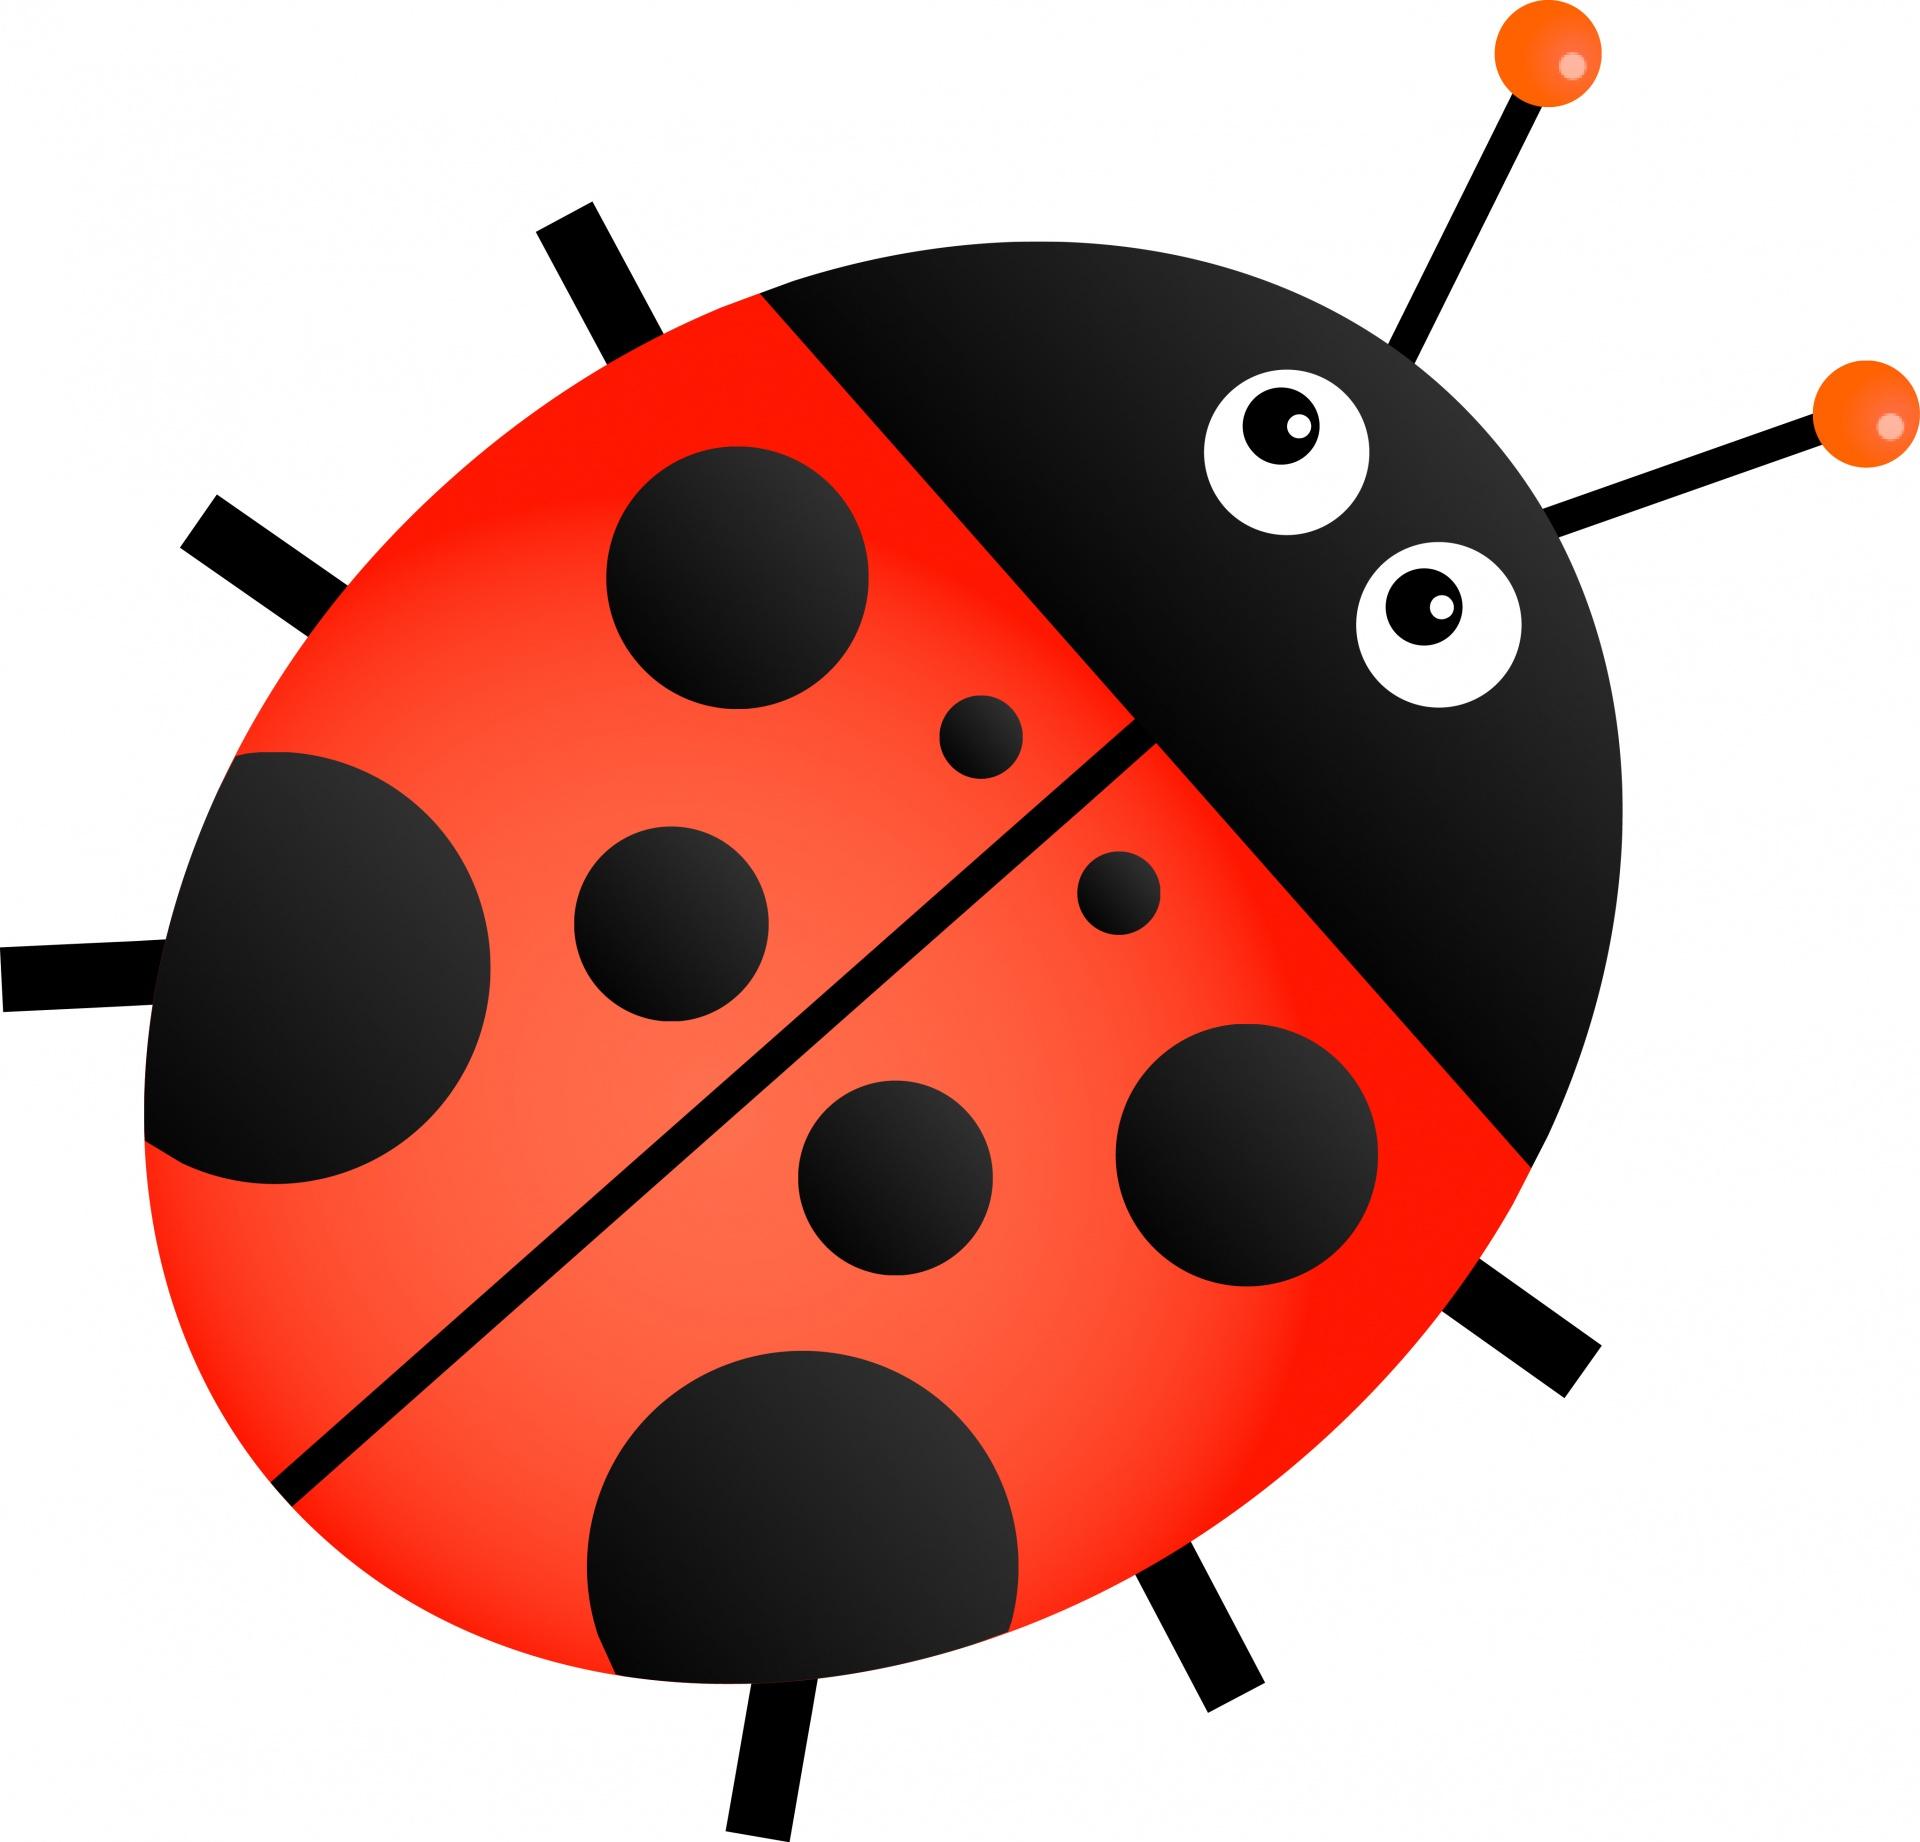 1920x1842 Ladybug Free Stock Photo